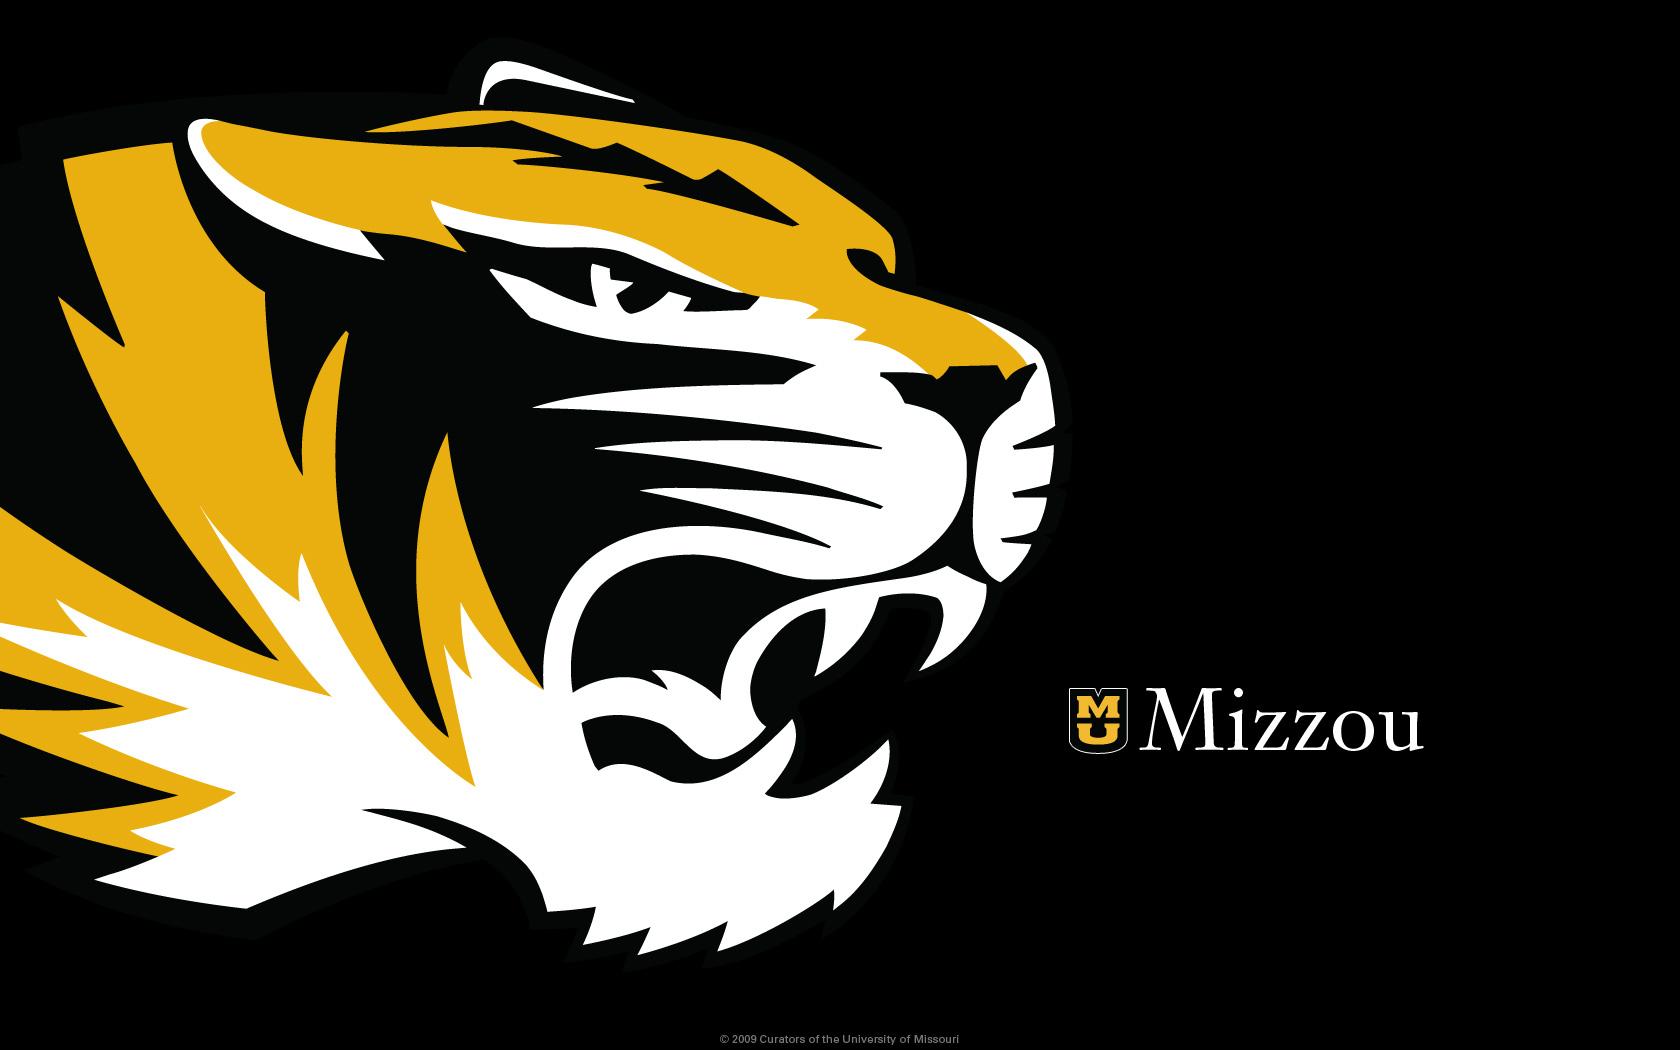 Mizzou Spirit Mizzou University of Missouri 1680x1050